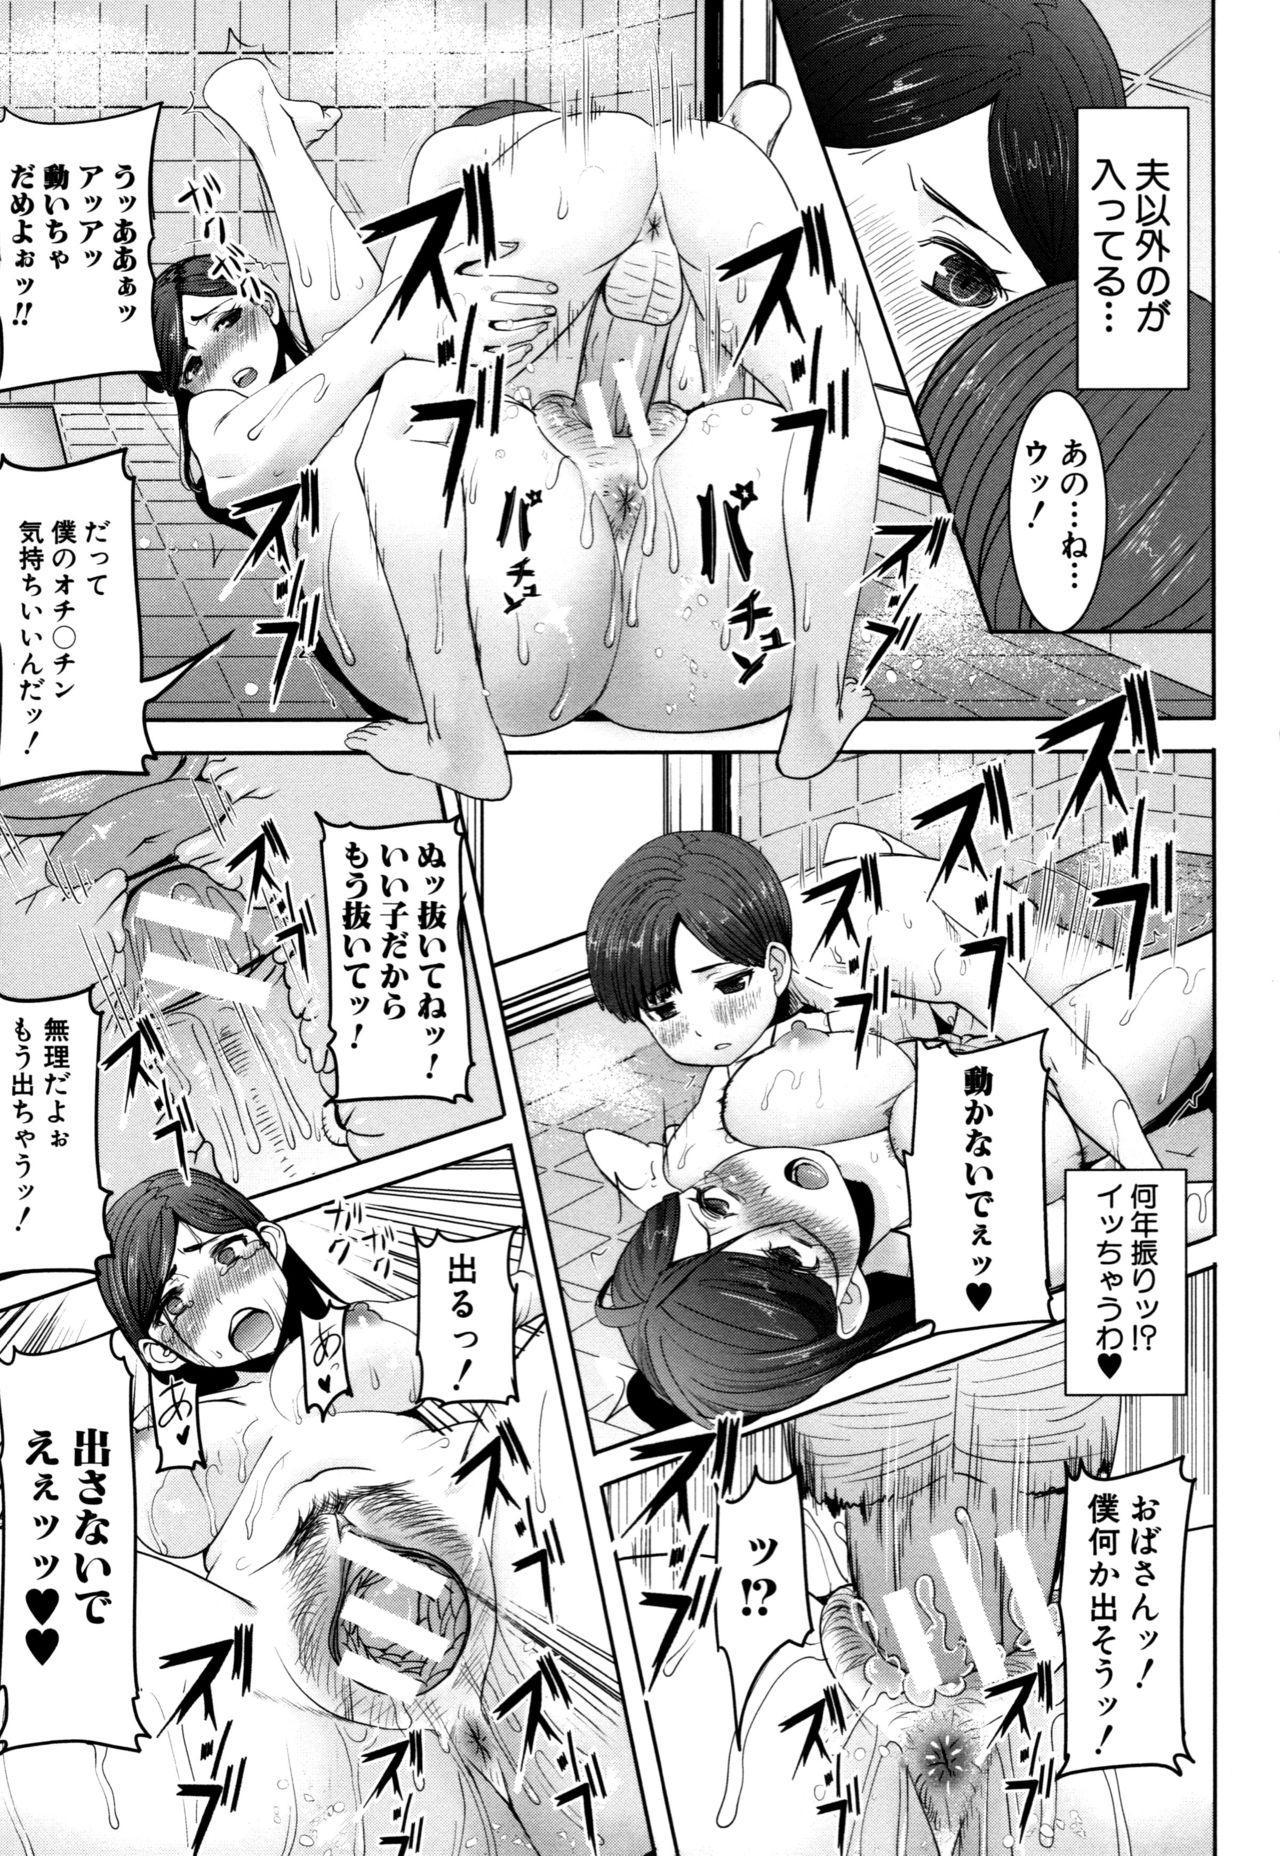 Unsweet - Asahina Ikka Netorareta Haha · Tomoko 24